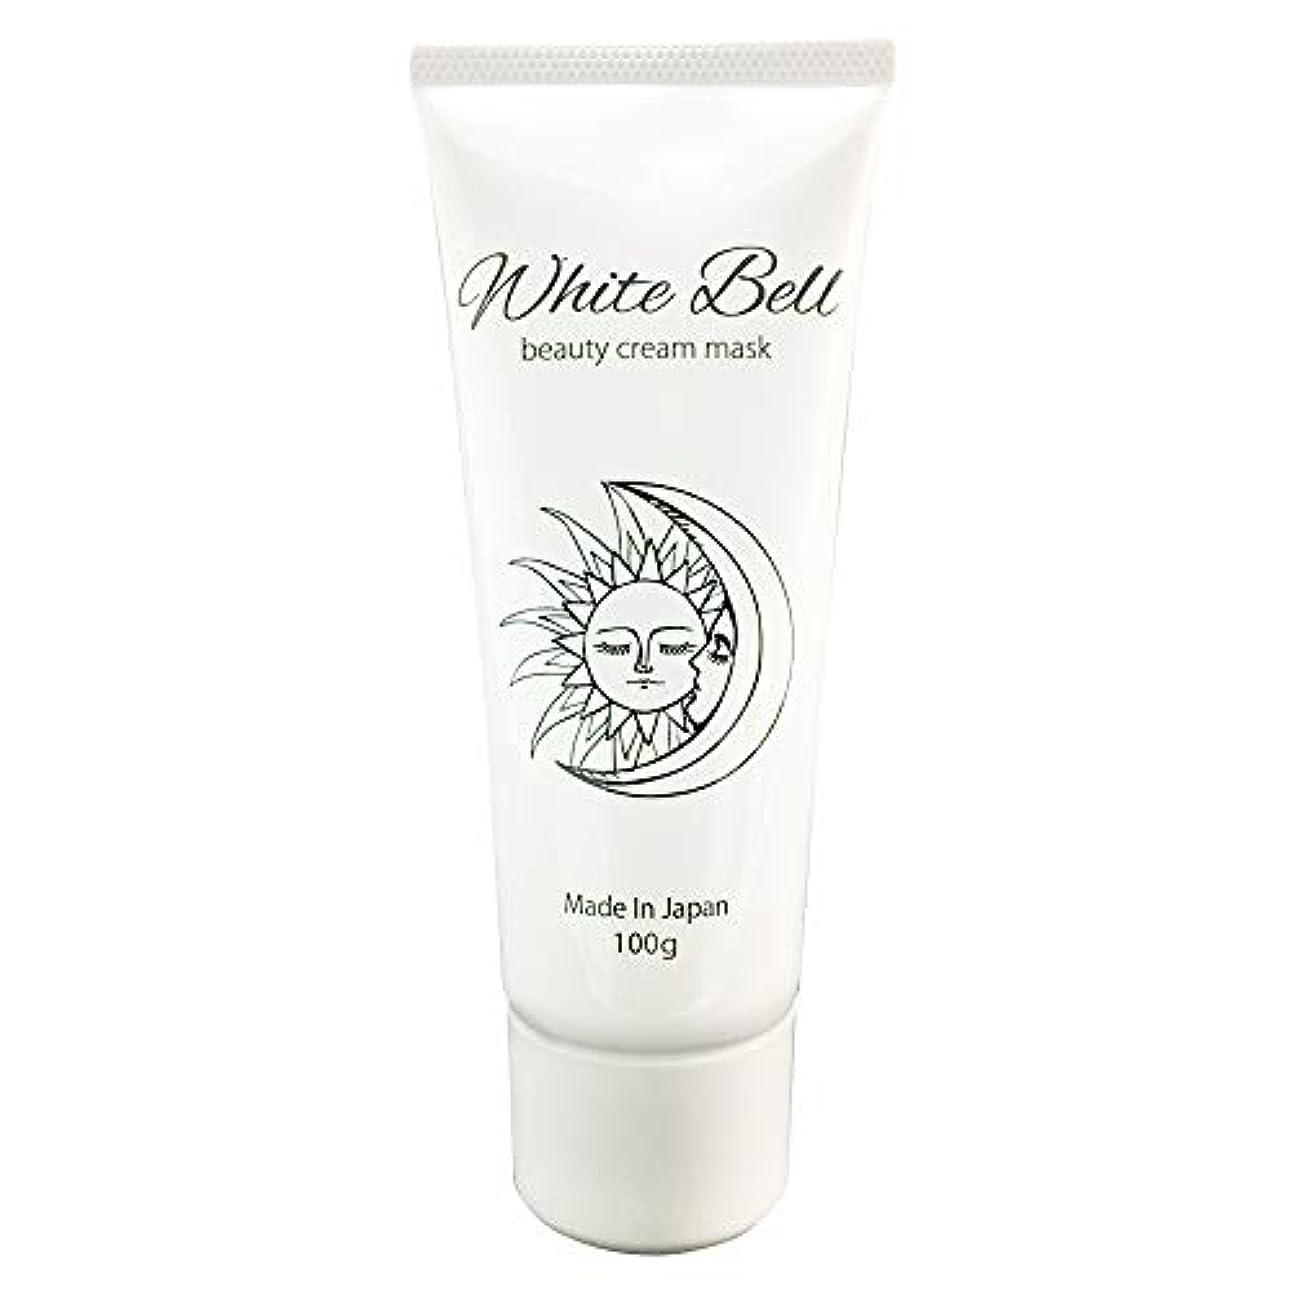 足枷明日スライムホワイトベル ビューティークリームマスク White-Bell beauty cream mask ナイトクリーム オールインワン